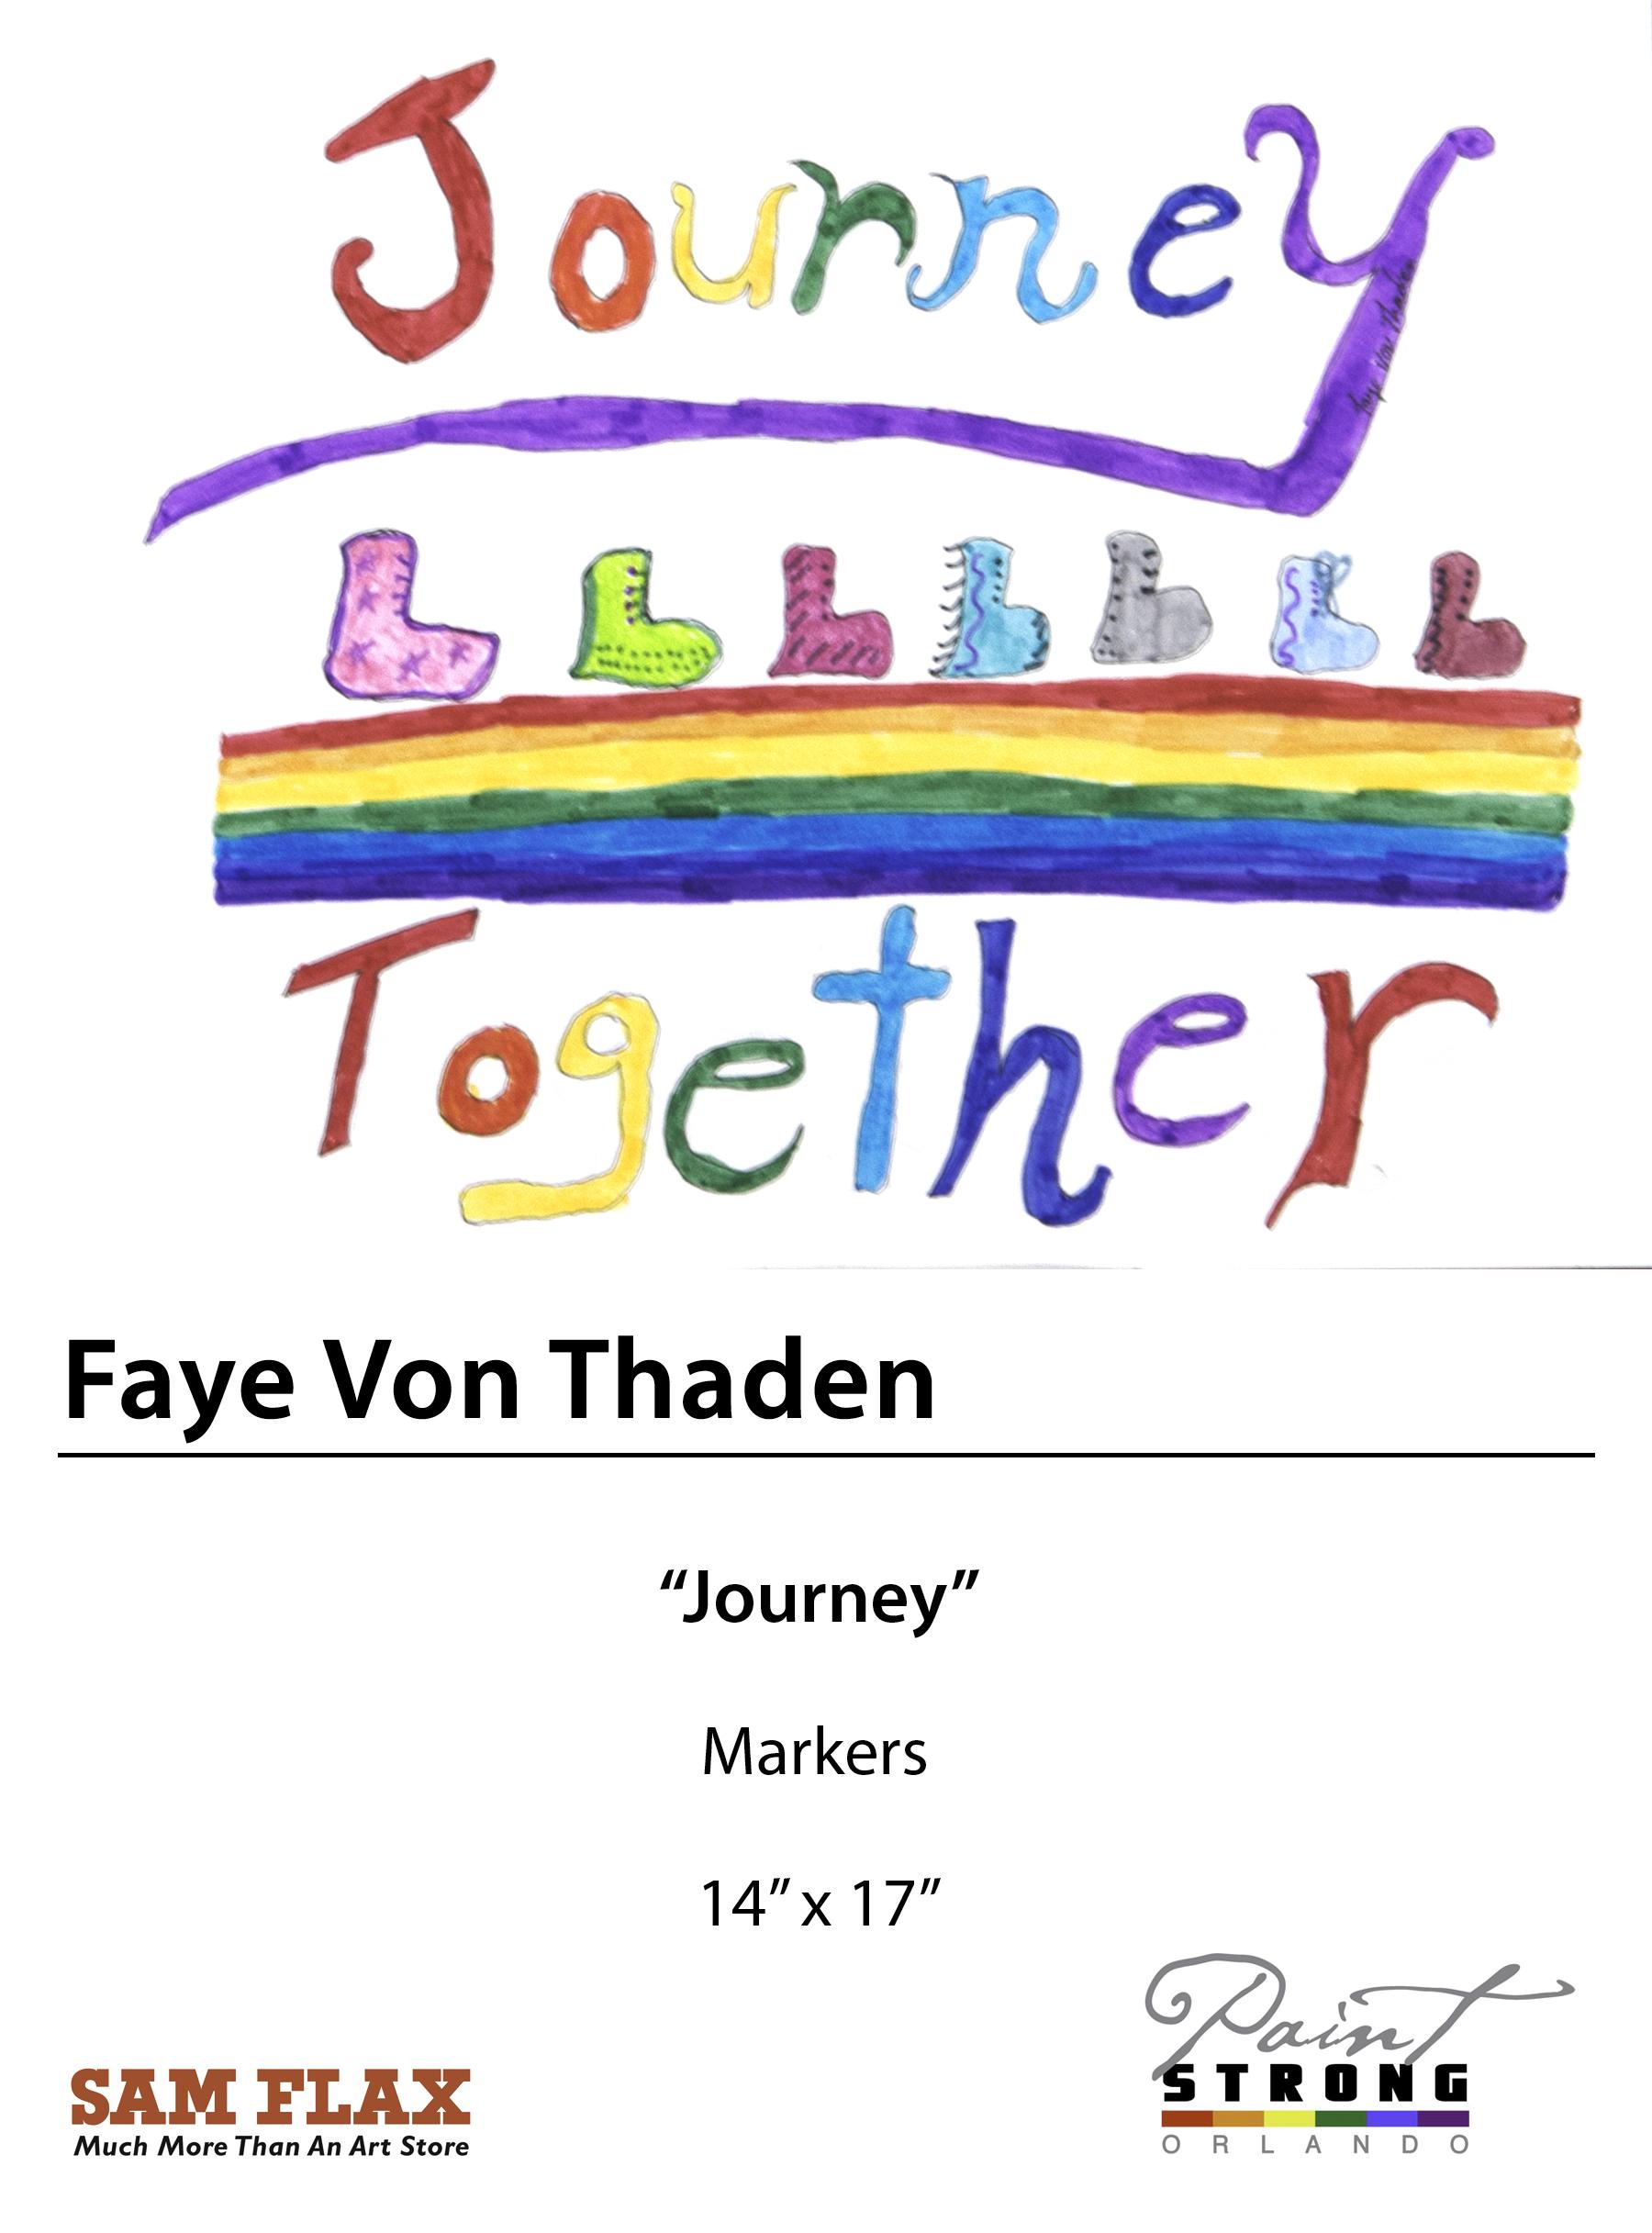 Faye Von Thaden